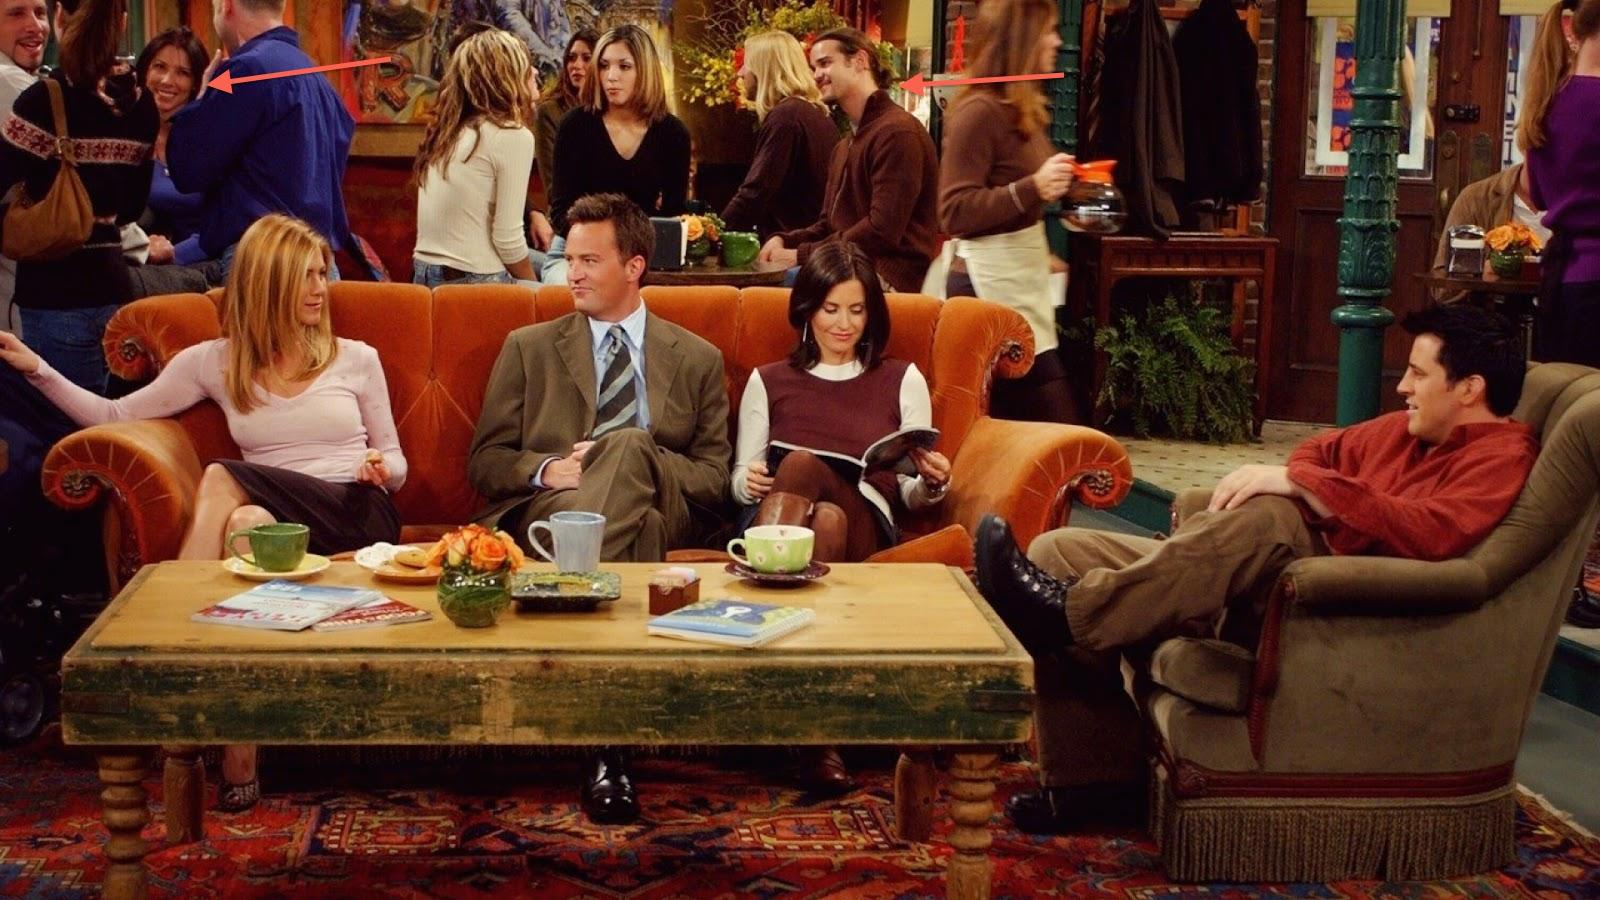 День друзей: что говорят актеры о продолжении любимого сериала - фото №8